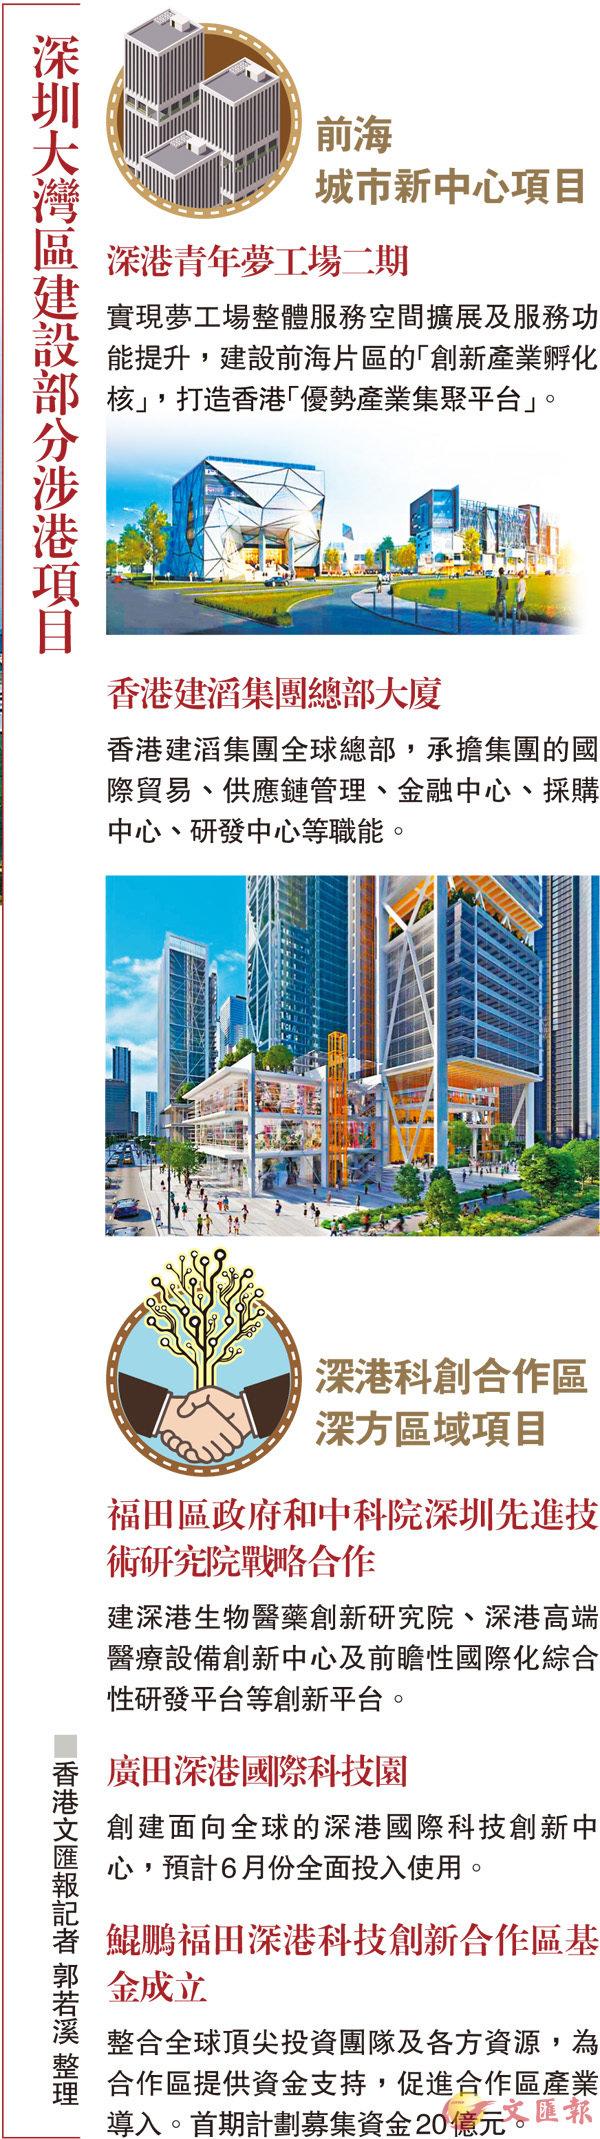 深圳大灣區建設部分涉港項目 - 華發網繁體版